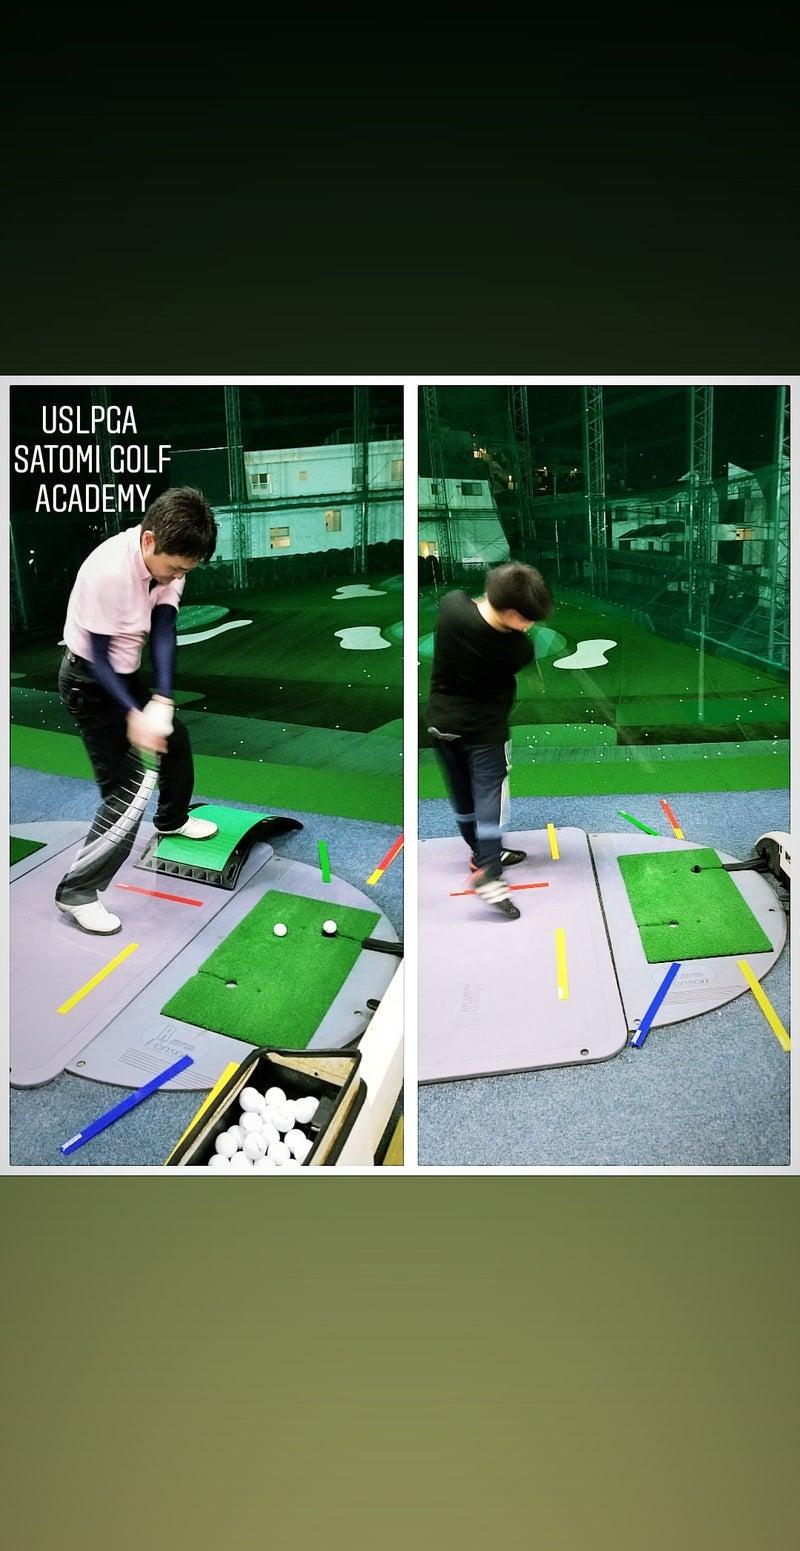 弦巻ゴルフレッスン「USLPGAサトミゴルフアカデミー」